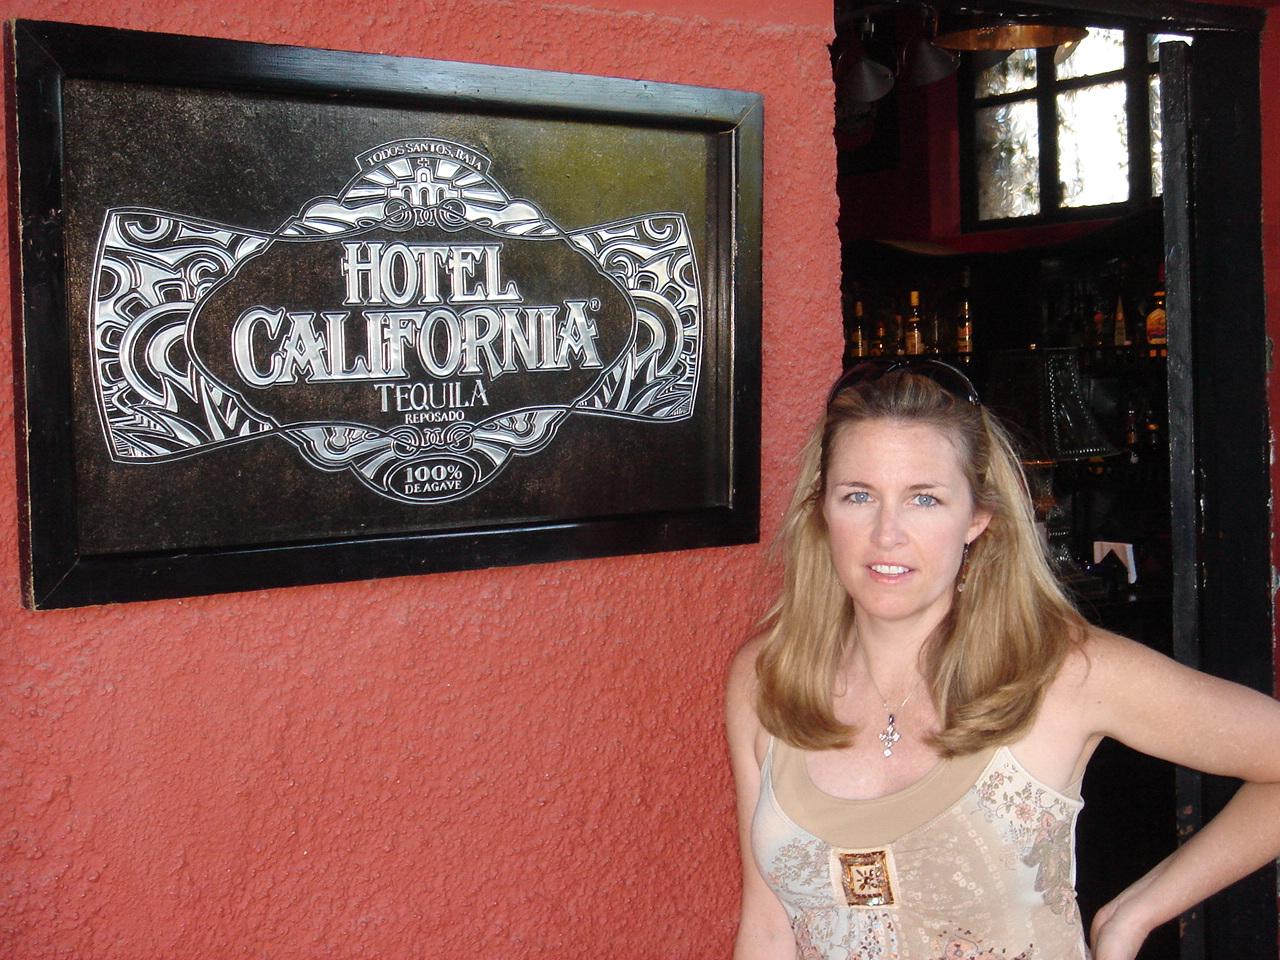 Tracy Hotel Cali_2.JPG